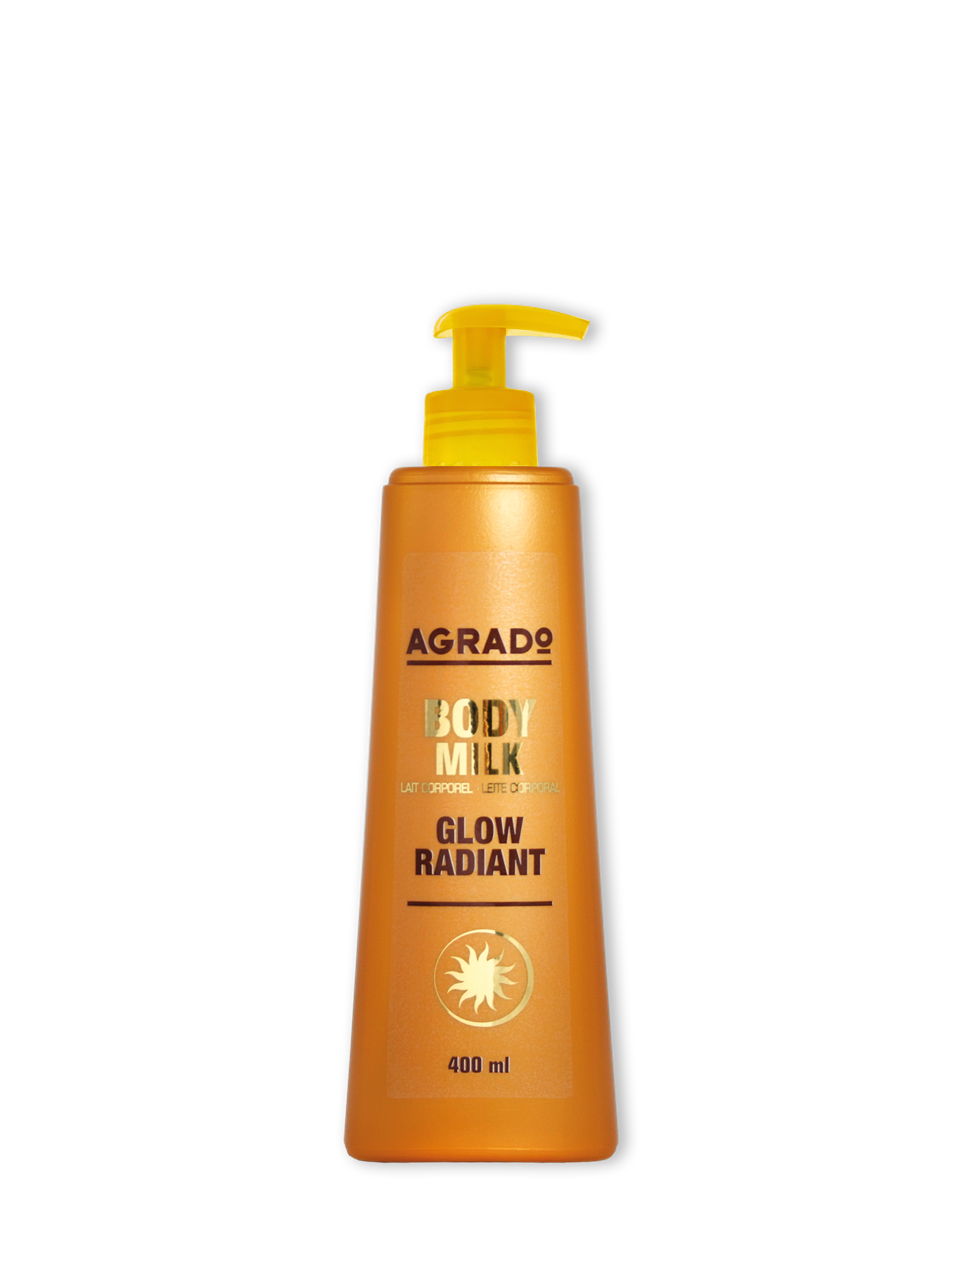 body-milk-glow-radiant-agrado-5739